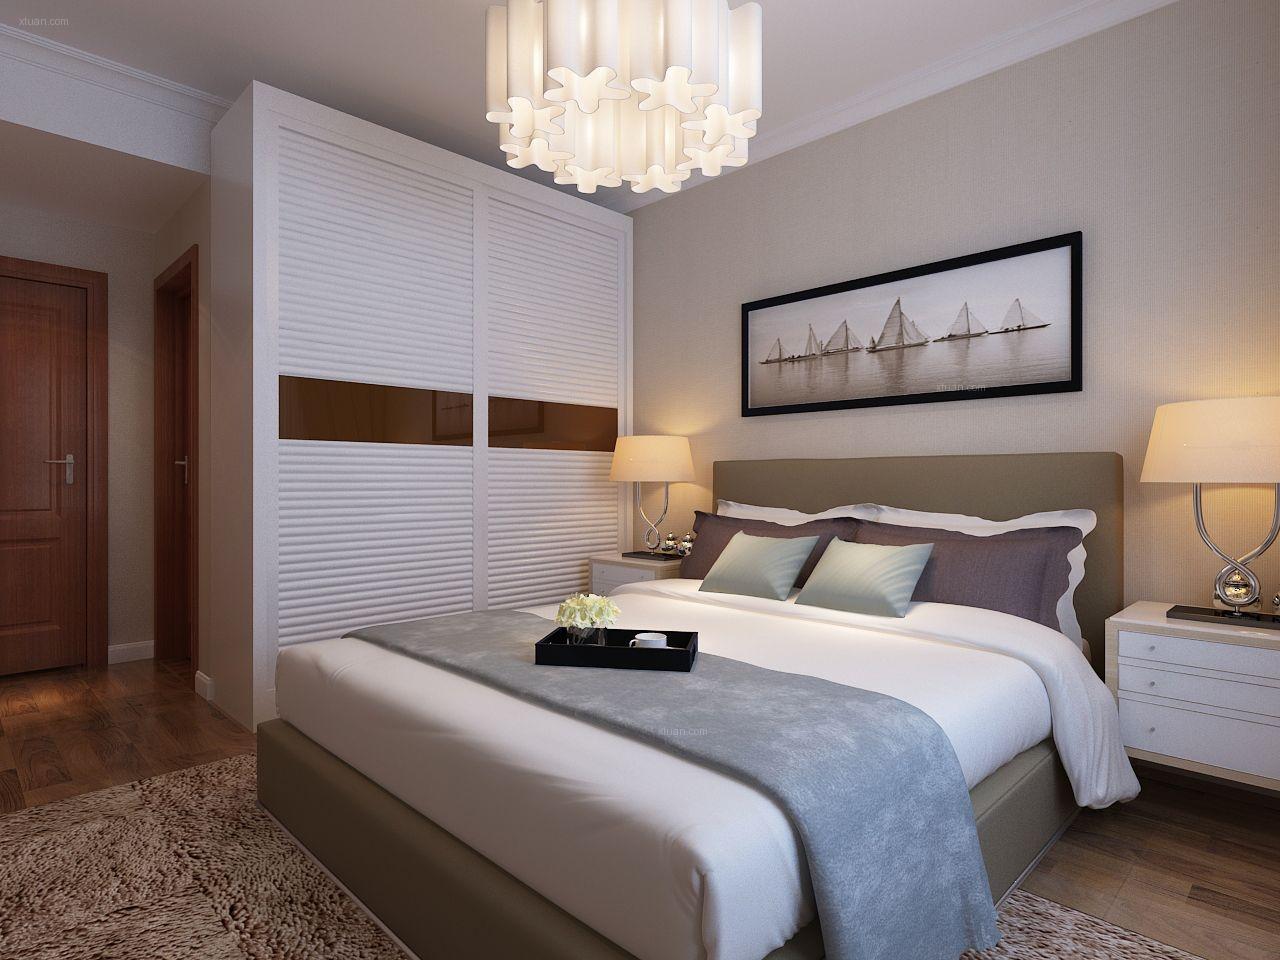 背景墙 房间 家居 设计 卧室 卧室装修 现代 装修 1280_960